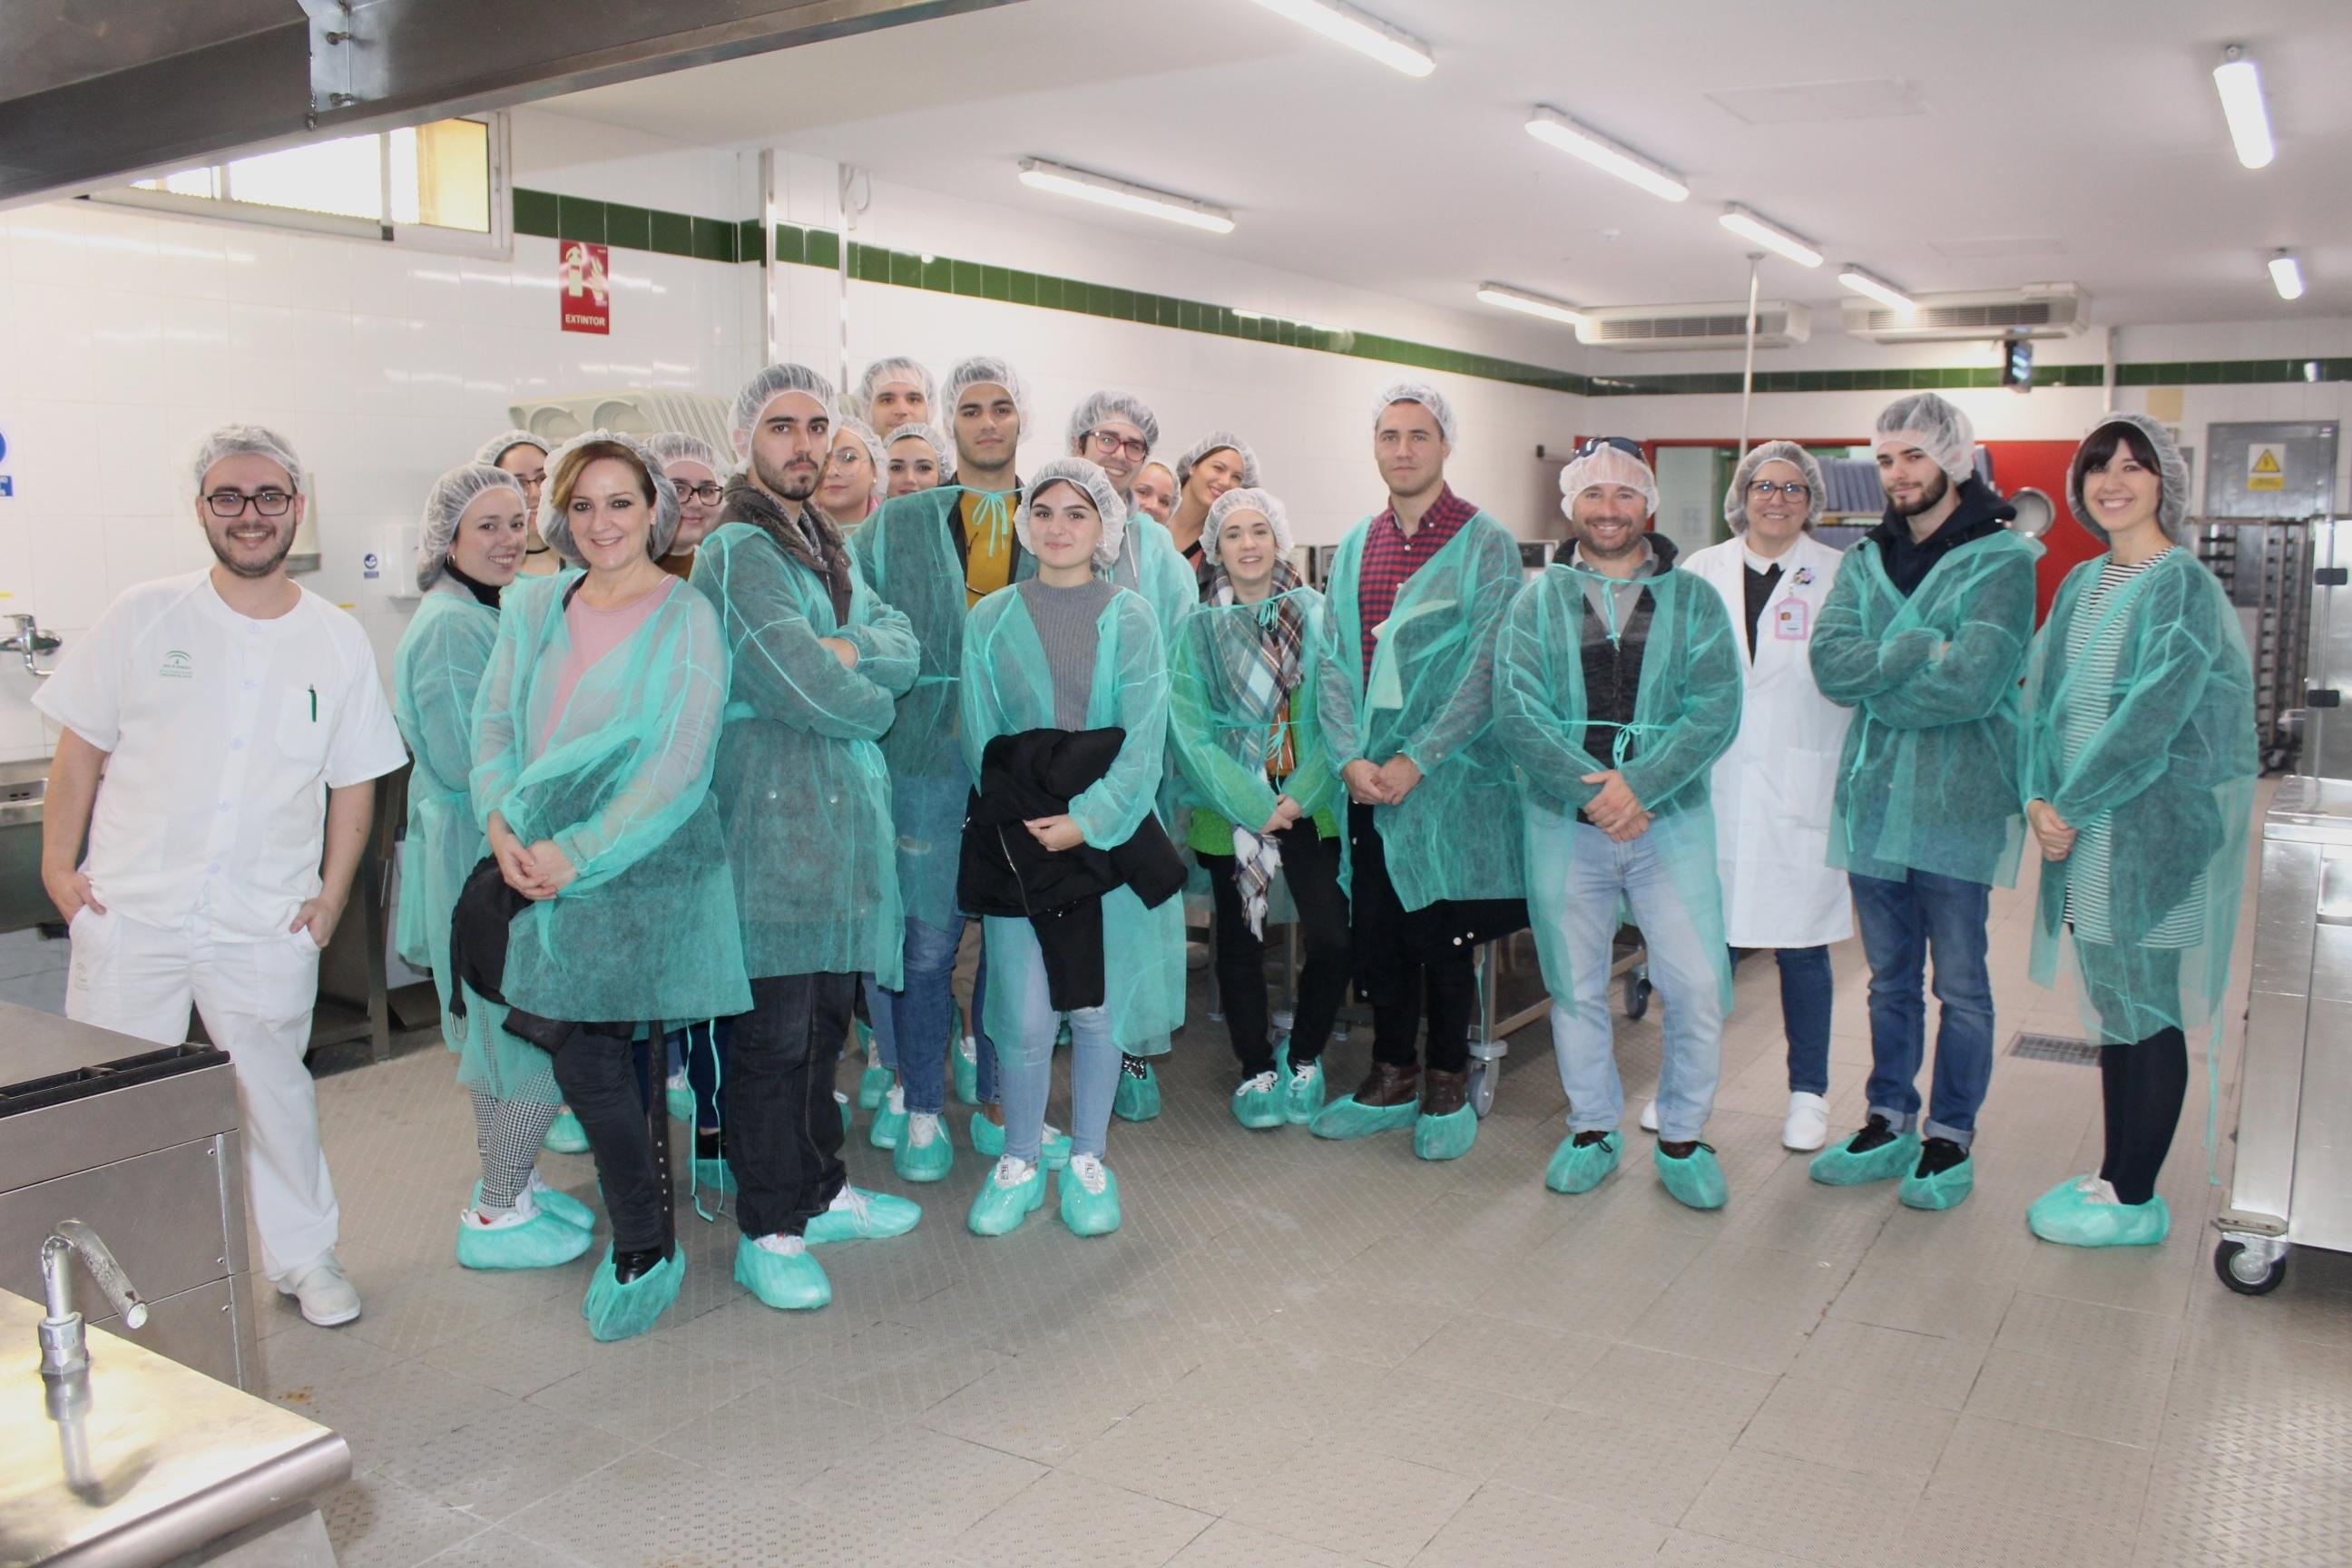 Estudiantes del Instituto de Enseñanza Secundaria María Zambrano de Torre del Mar  visitan el Hospital de La Axarquía